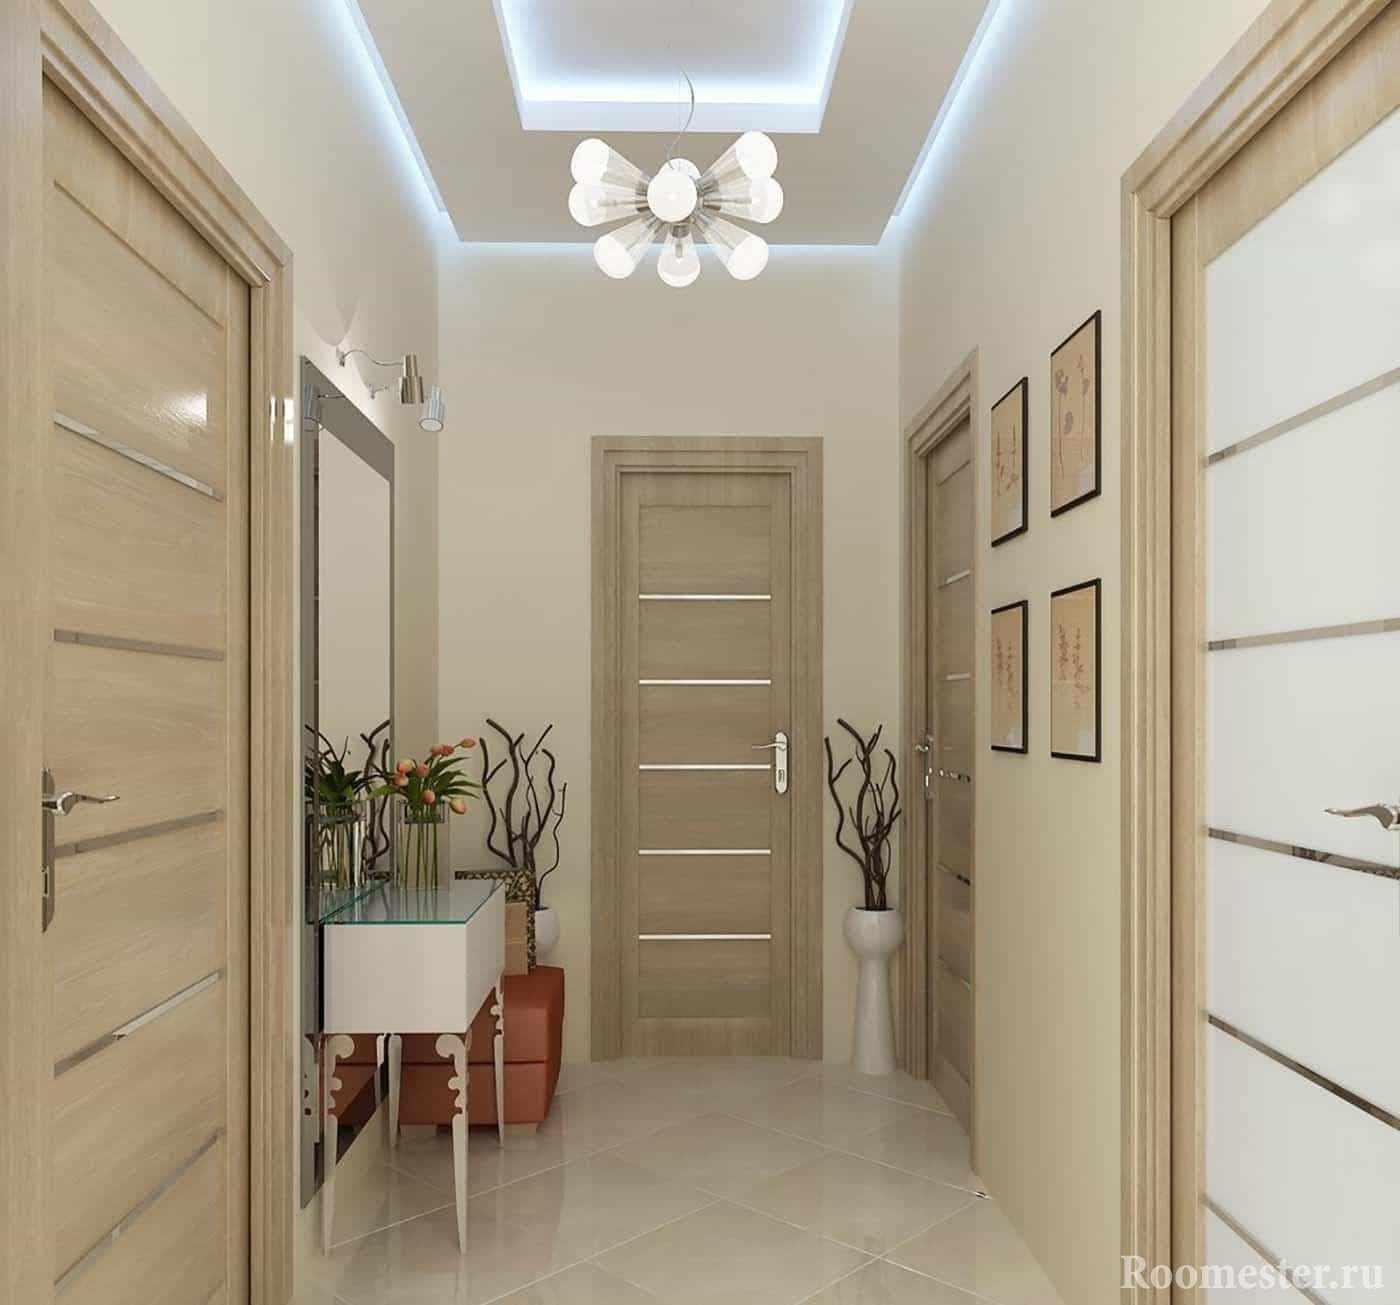 дизайн коридора в квартире в панельном доме